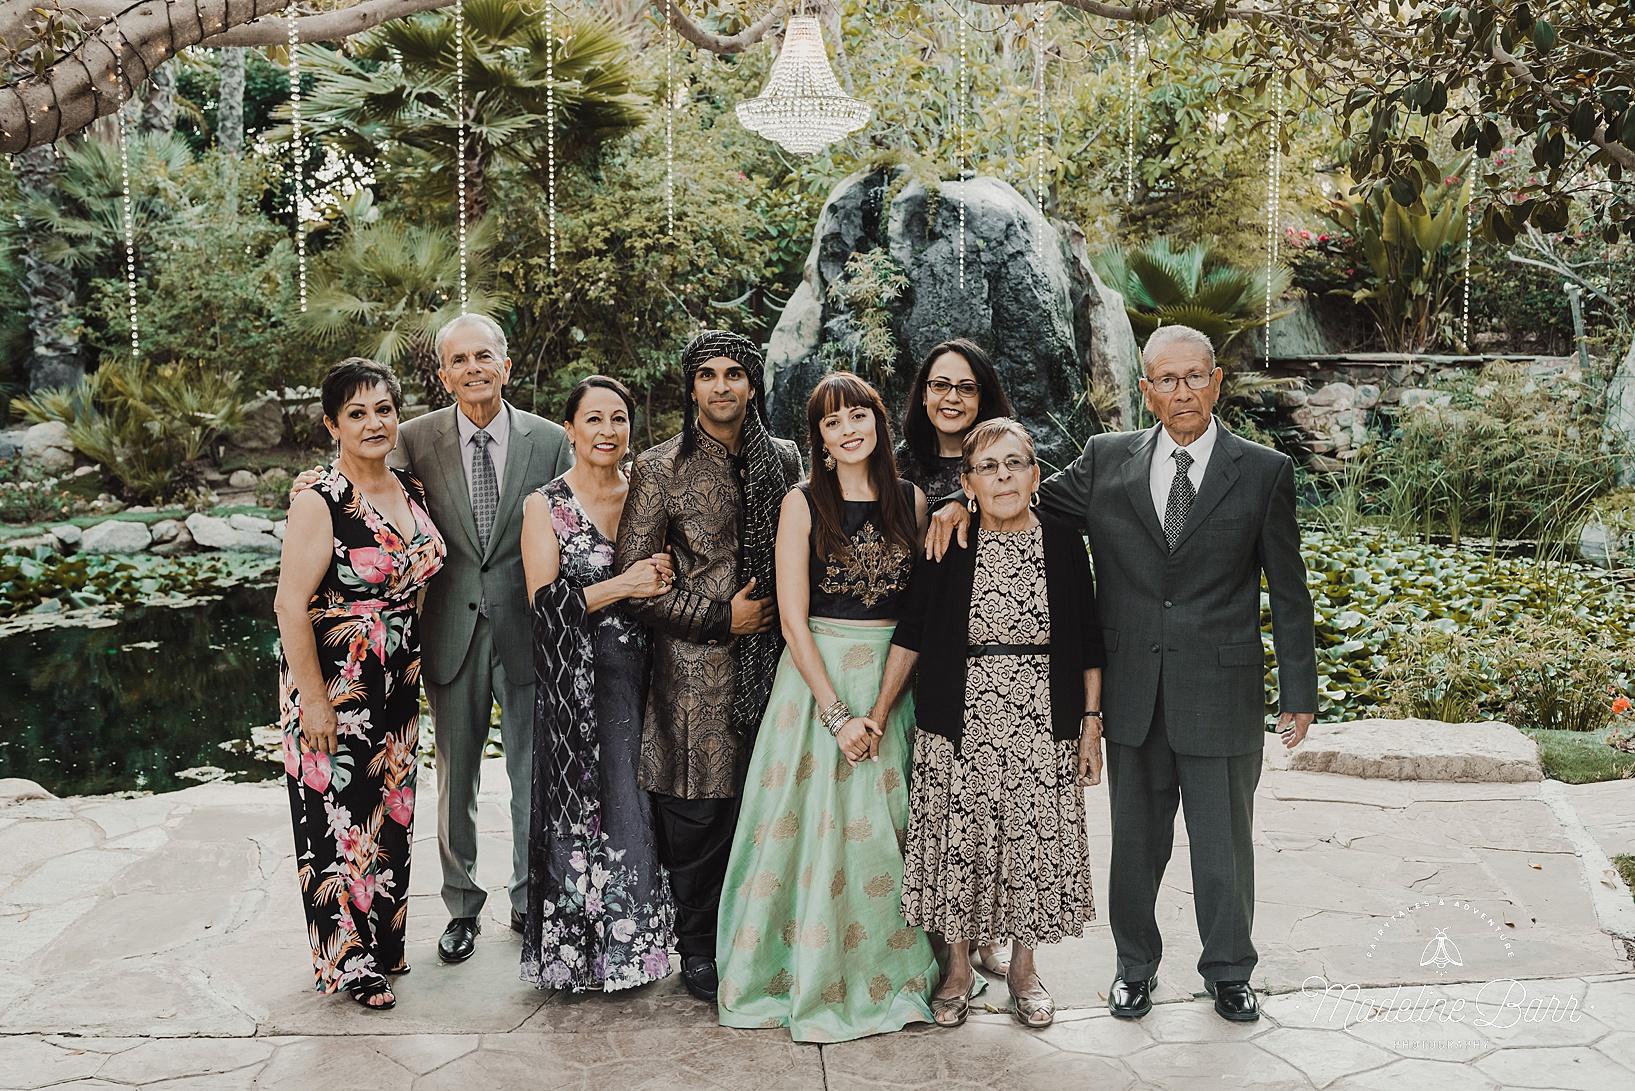 SanDiego_Multicultural_Elopement_Wedding0025.jpg